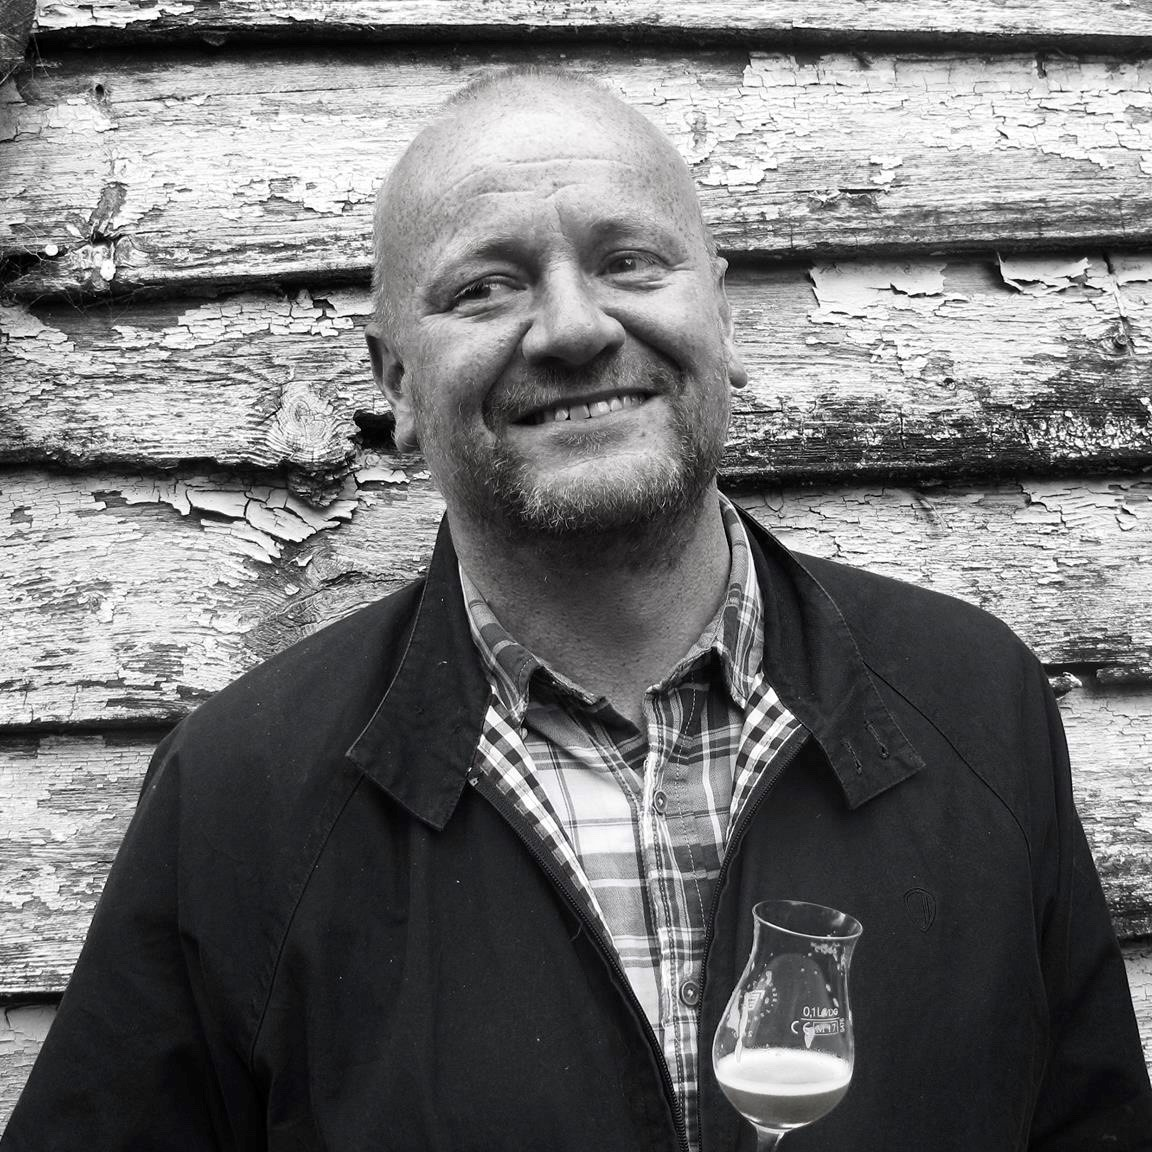 Hugo Ivan Hatland er journalist, foredragsholder, blogger og forfatter. Han har tidligere skrevet boken  Den norske ølrevolusjonen  og står bak nettstedet godtiglasset.com. Nå er han aktuell med   Bergenskokeboken  .